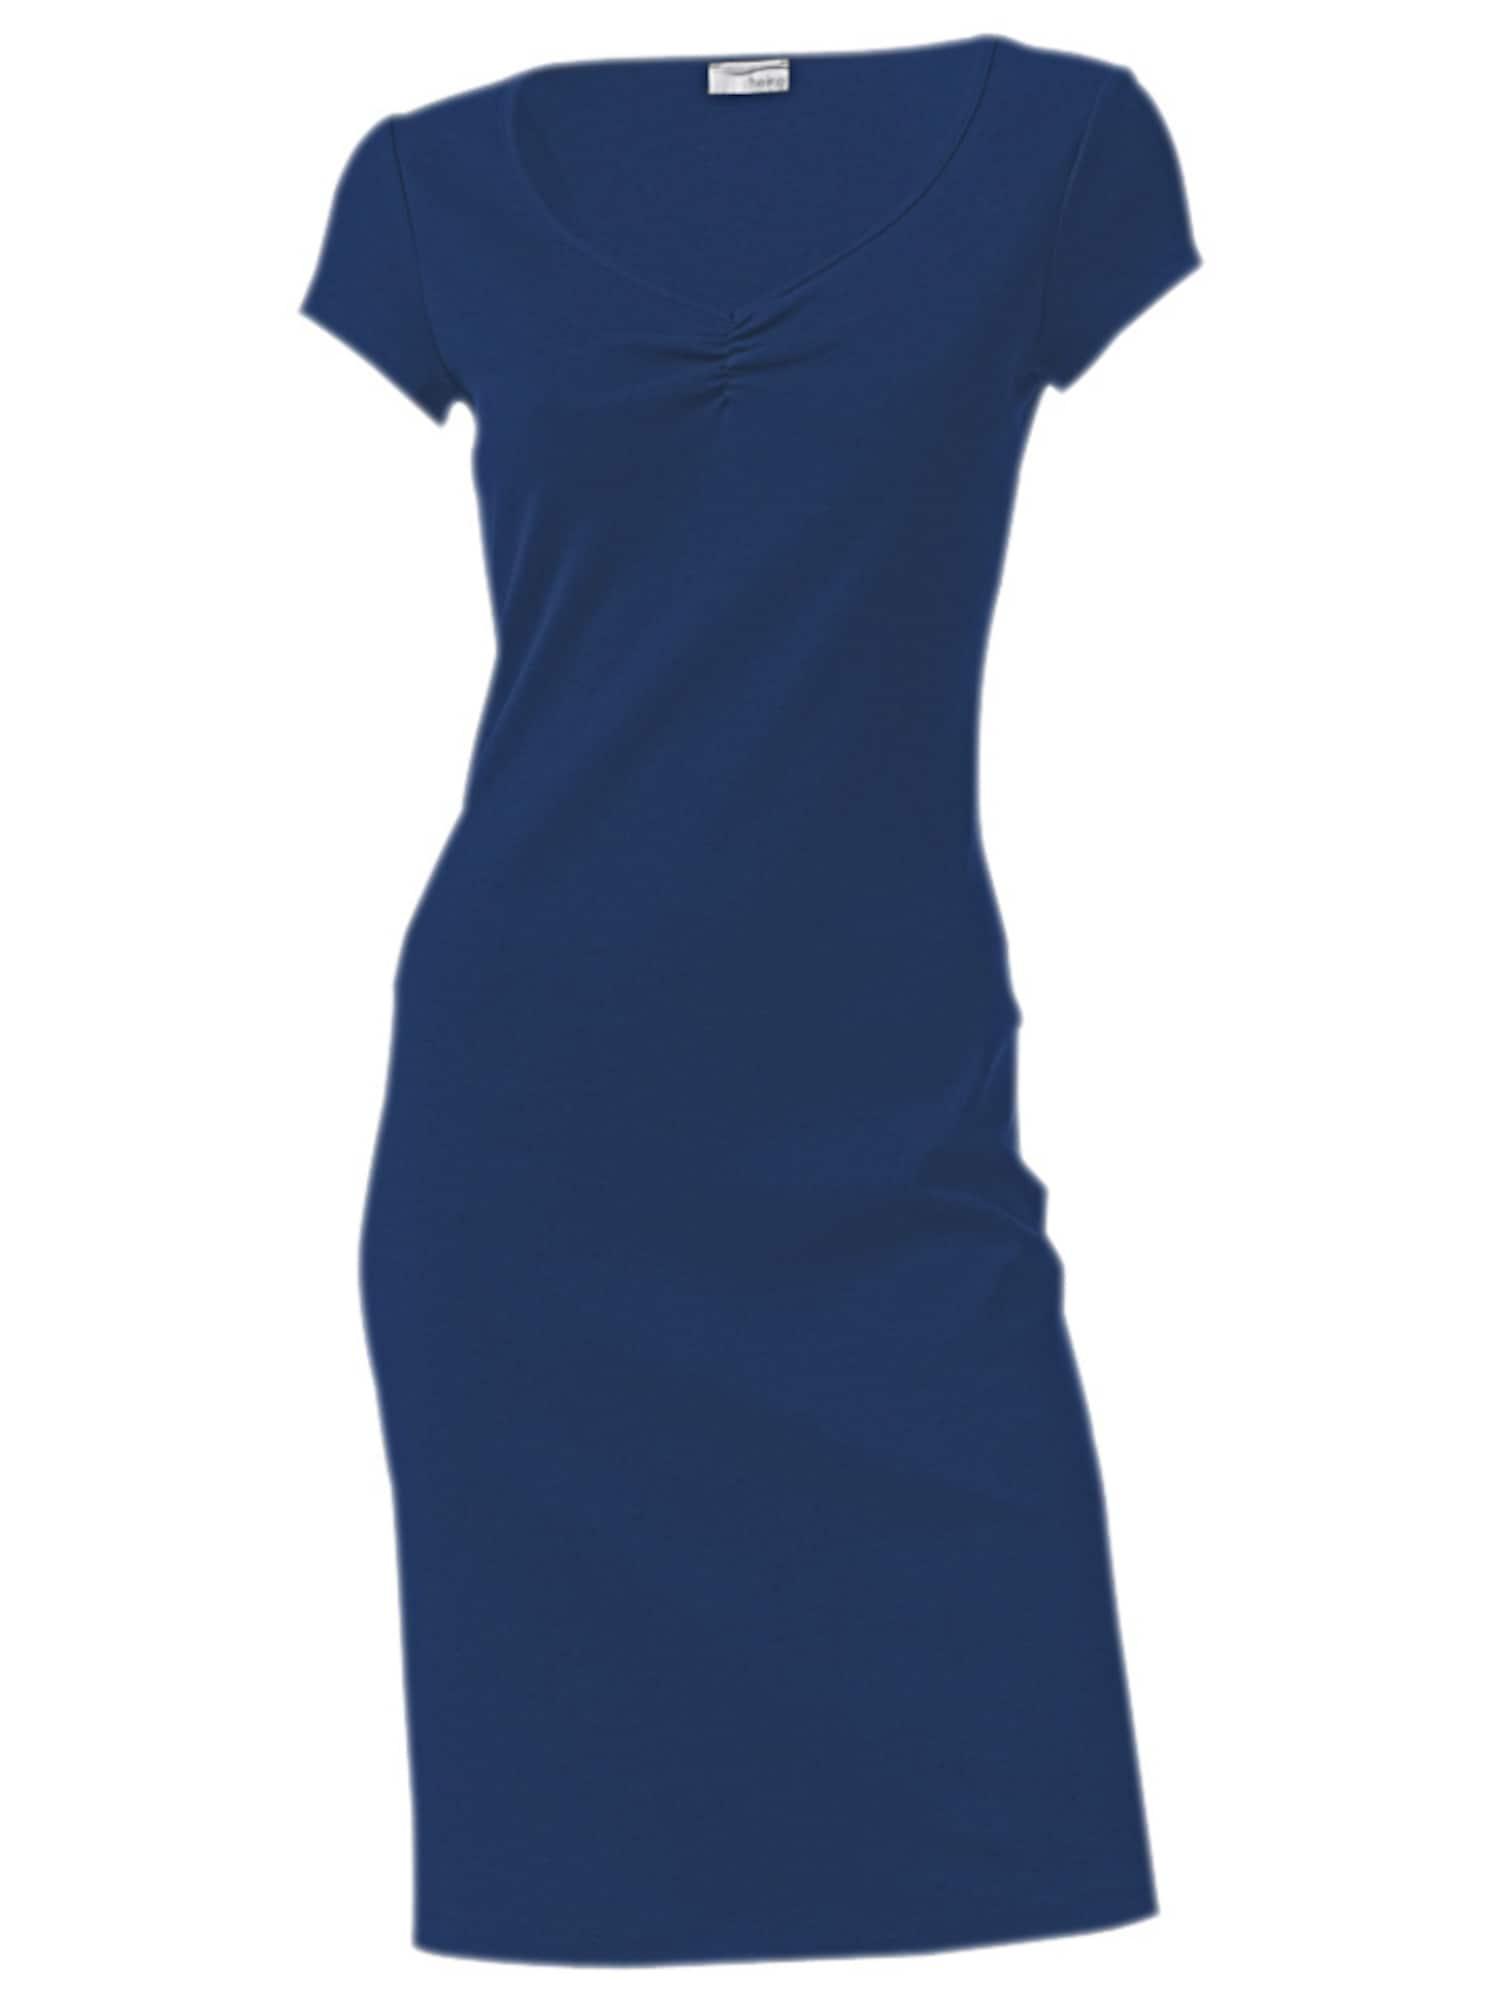 Ashley Brooke by heine Suknelė tamsiai mėlyna jūros spalva